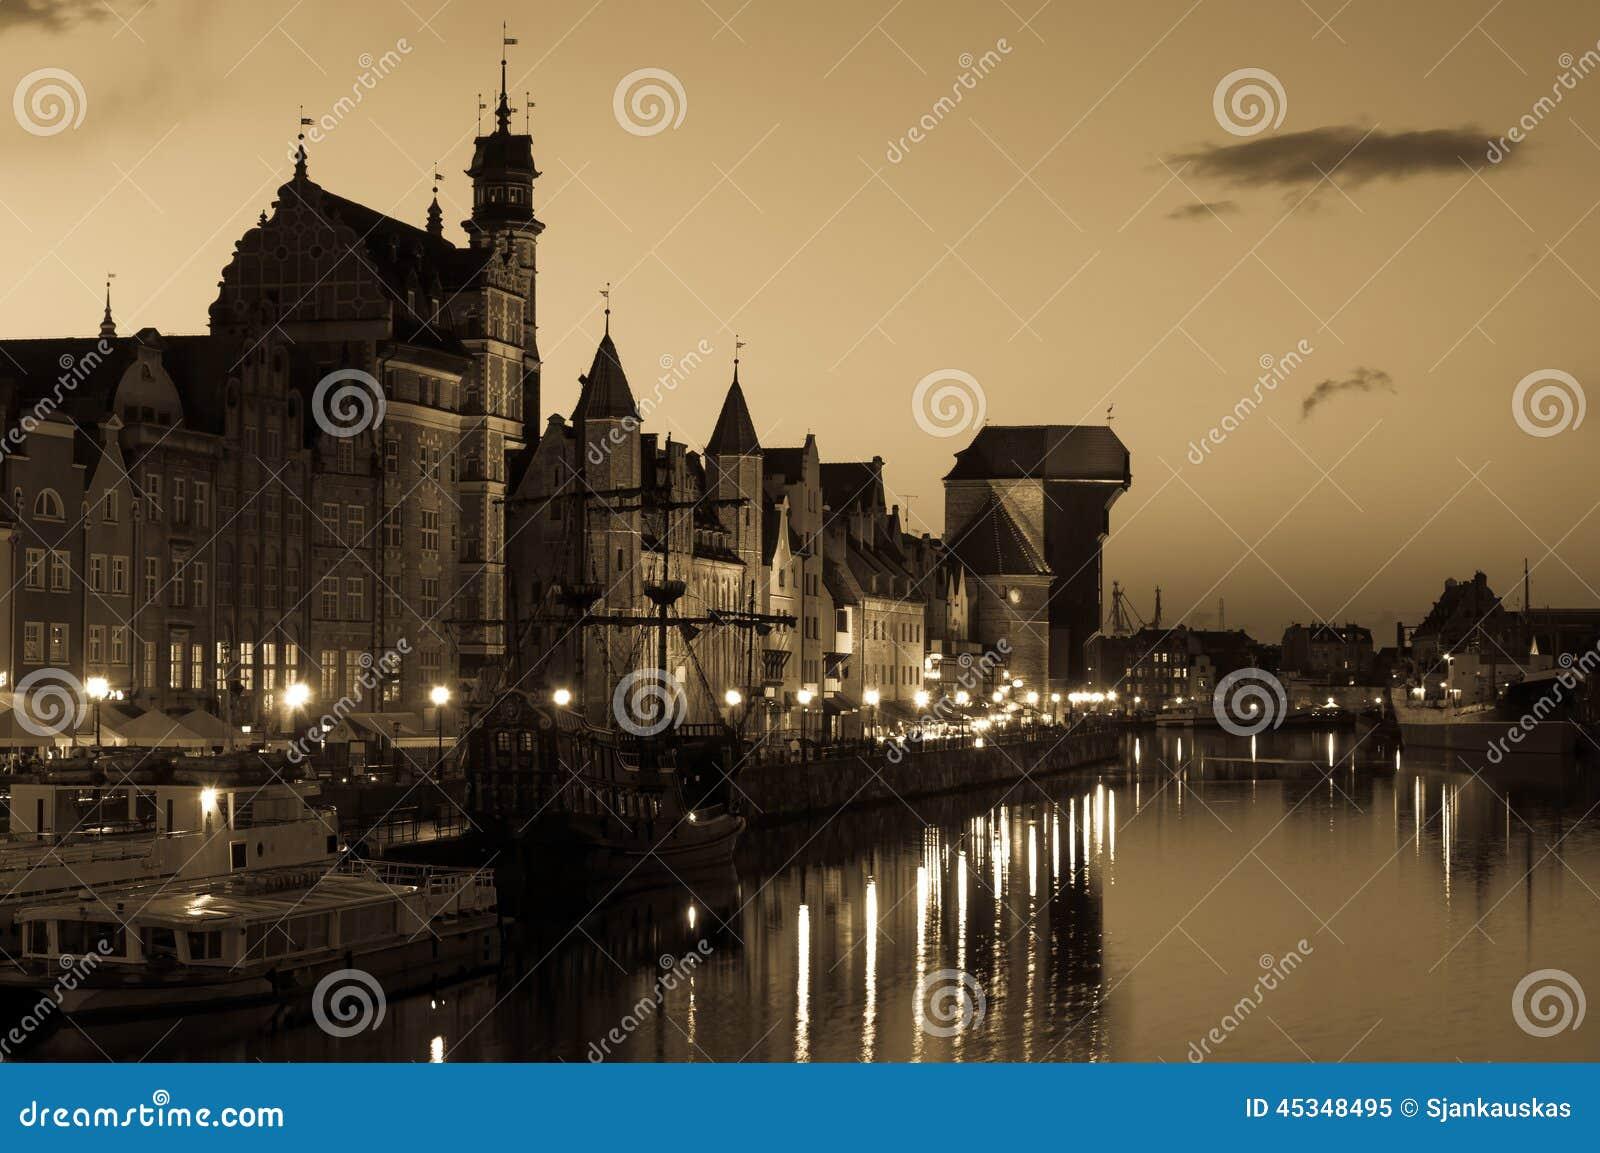 Gdansk cityscape, Poland